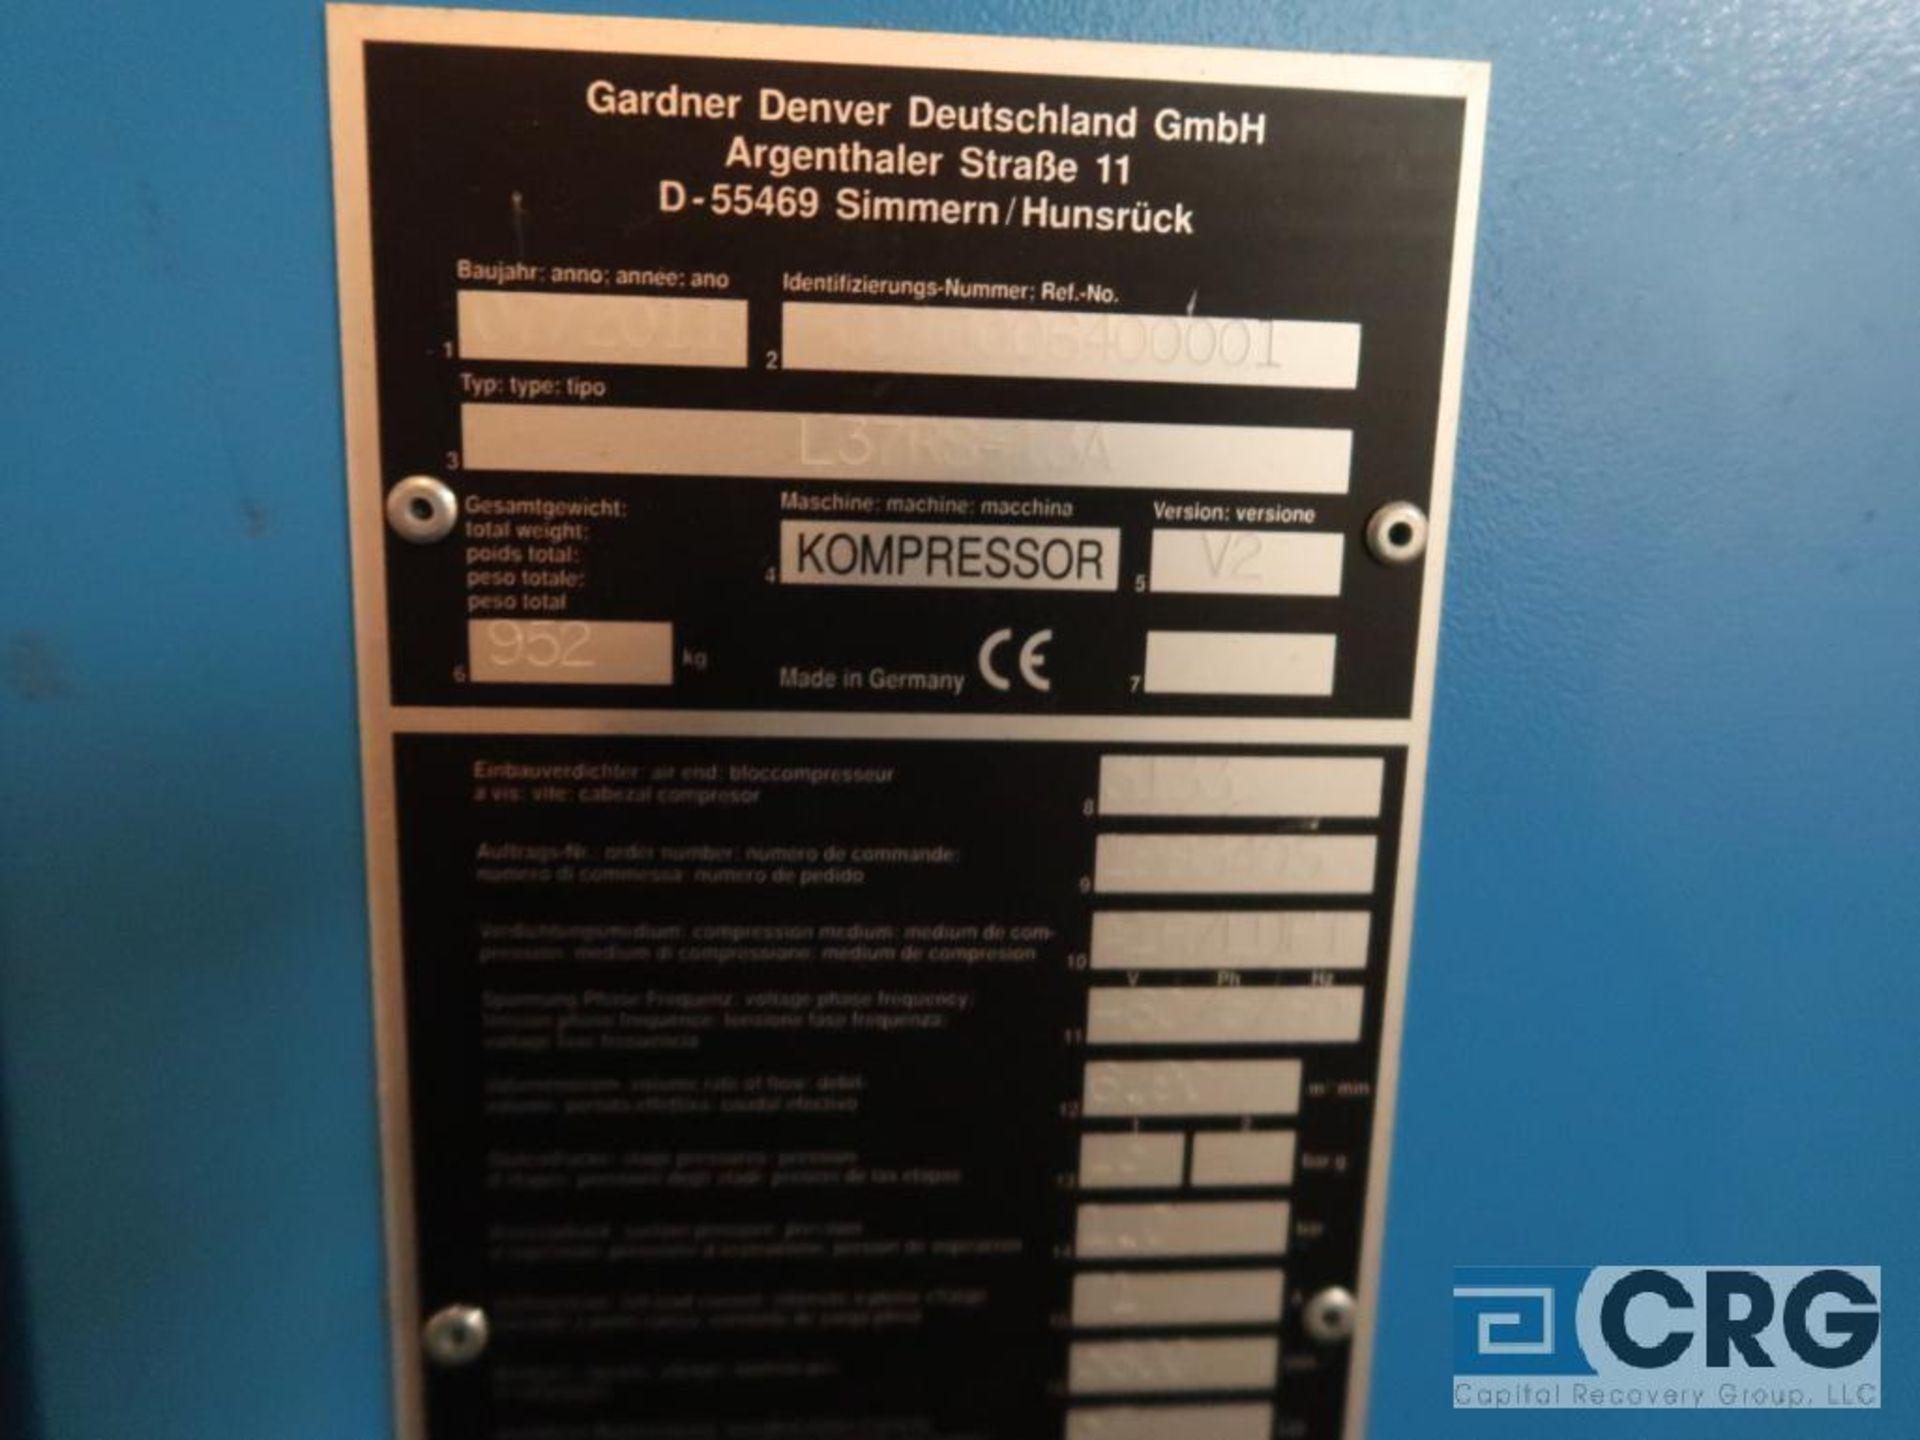 Gardner Denver L37RS DELCOSXL air compressor, mfg. 2011, s/n 6400001 (Off Site Warehouse) - Image 3 of 3